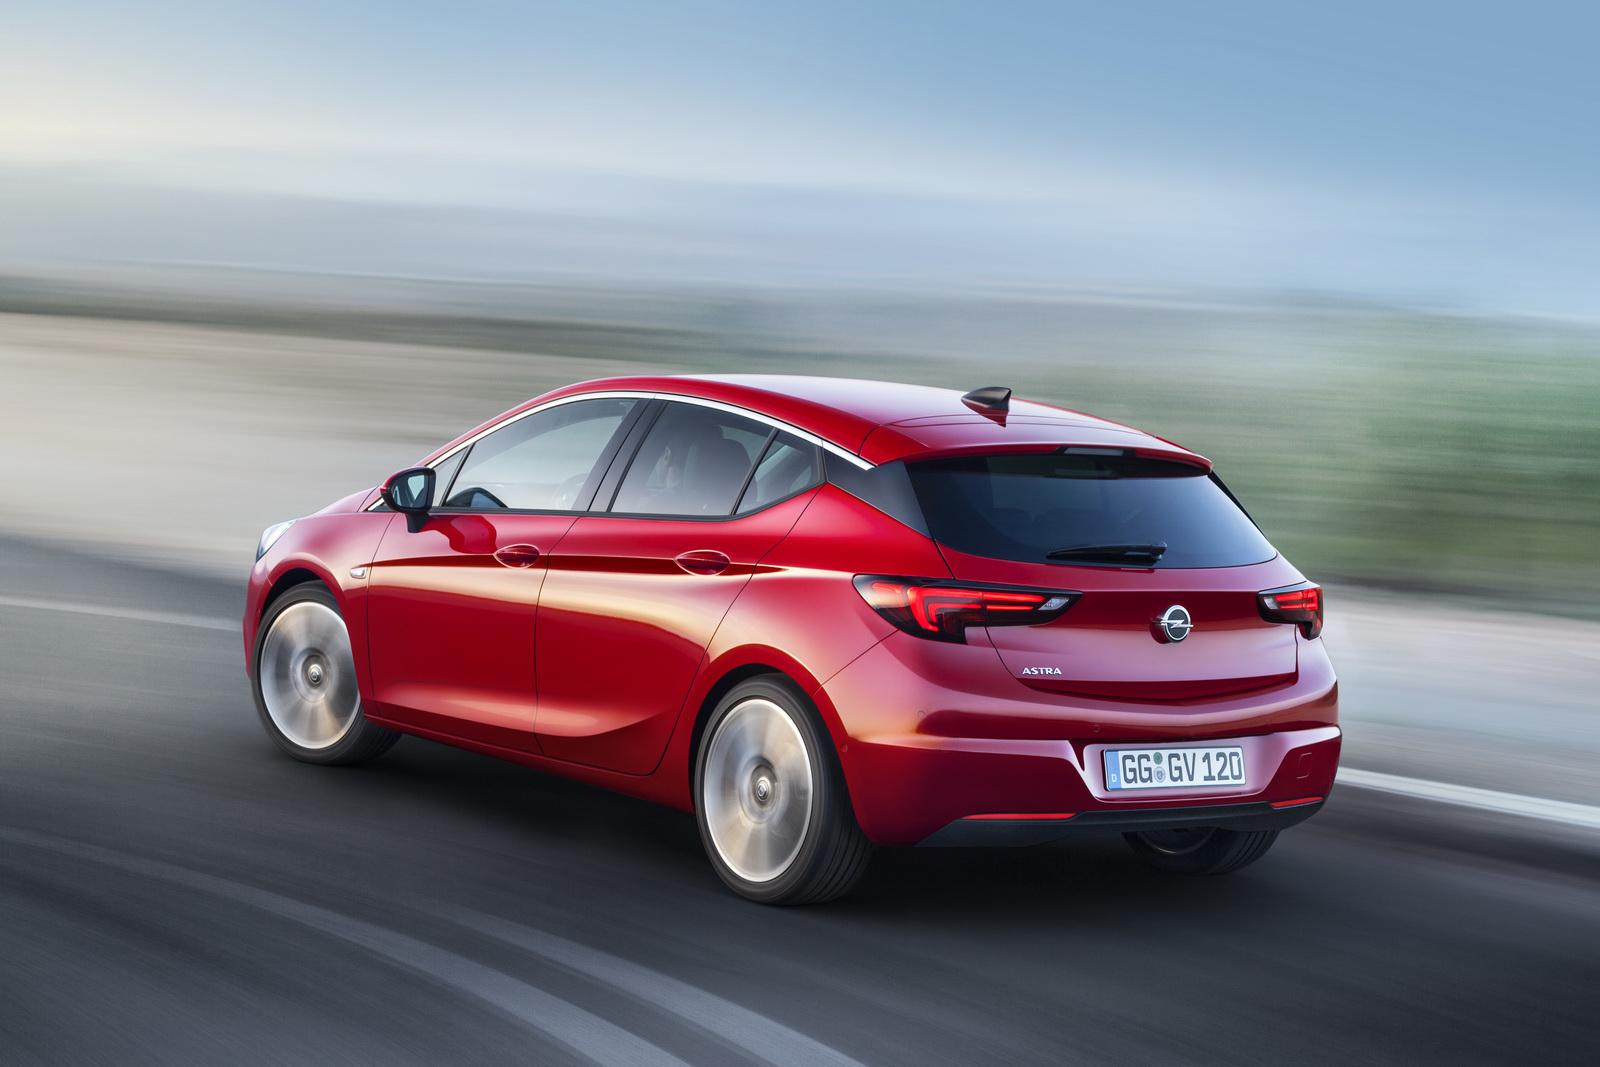 2018 Opel Otomobil Fiyat Listesi Uygun Tasit